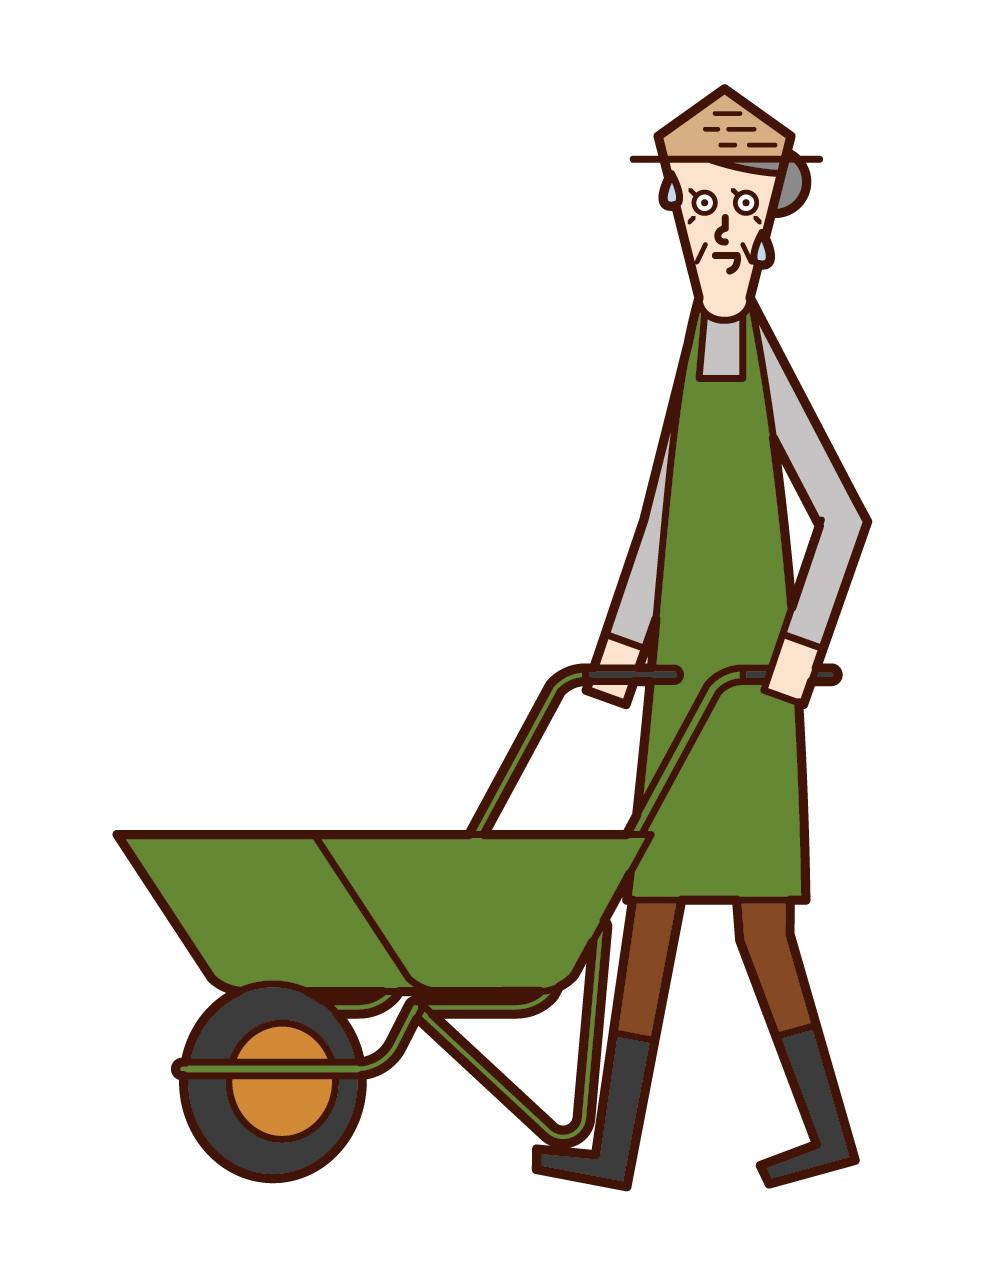 使用手推獨輪車的人(祖母)的插圖